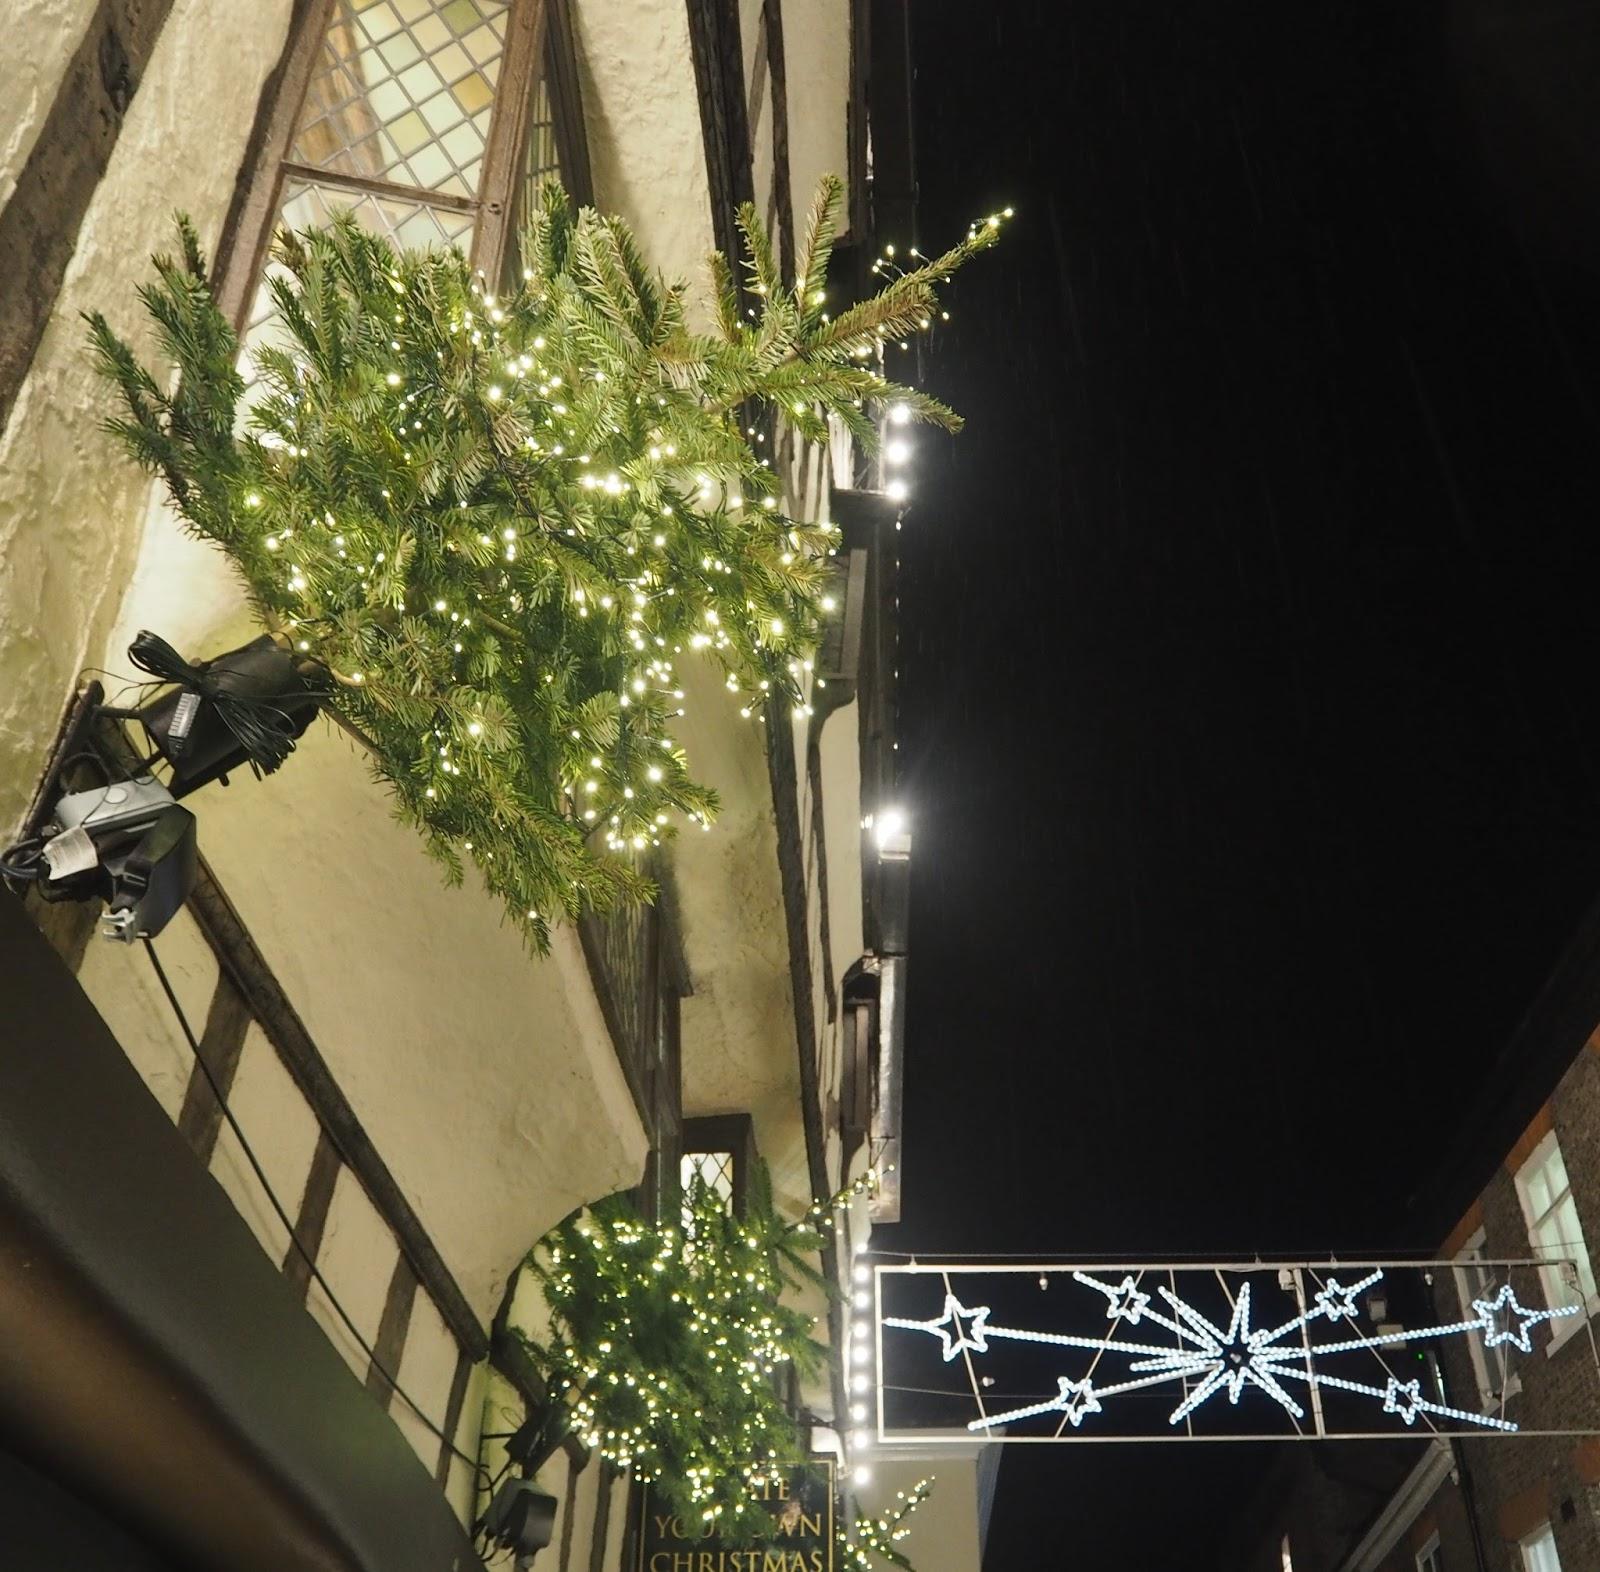 Christmas lights at York